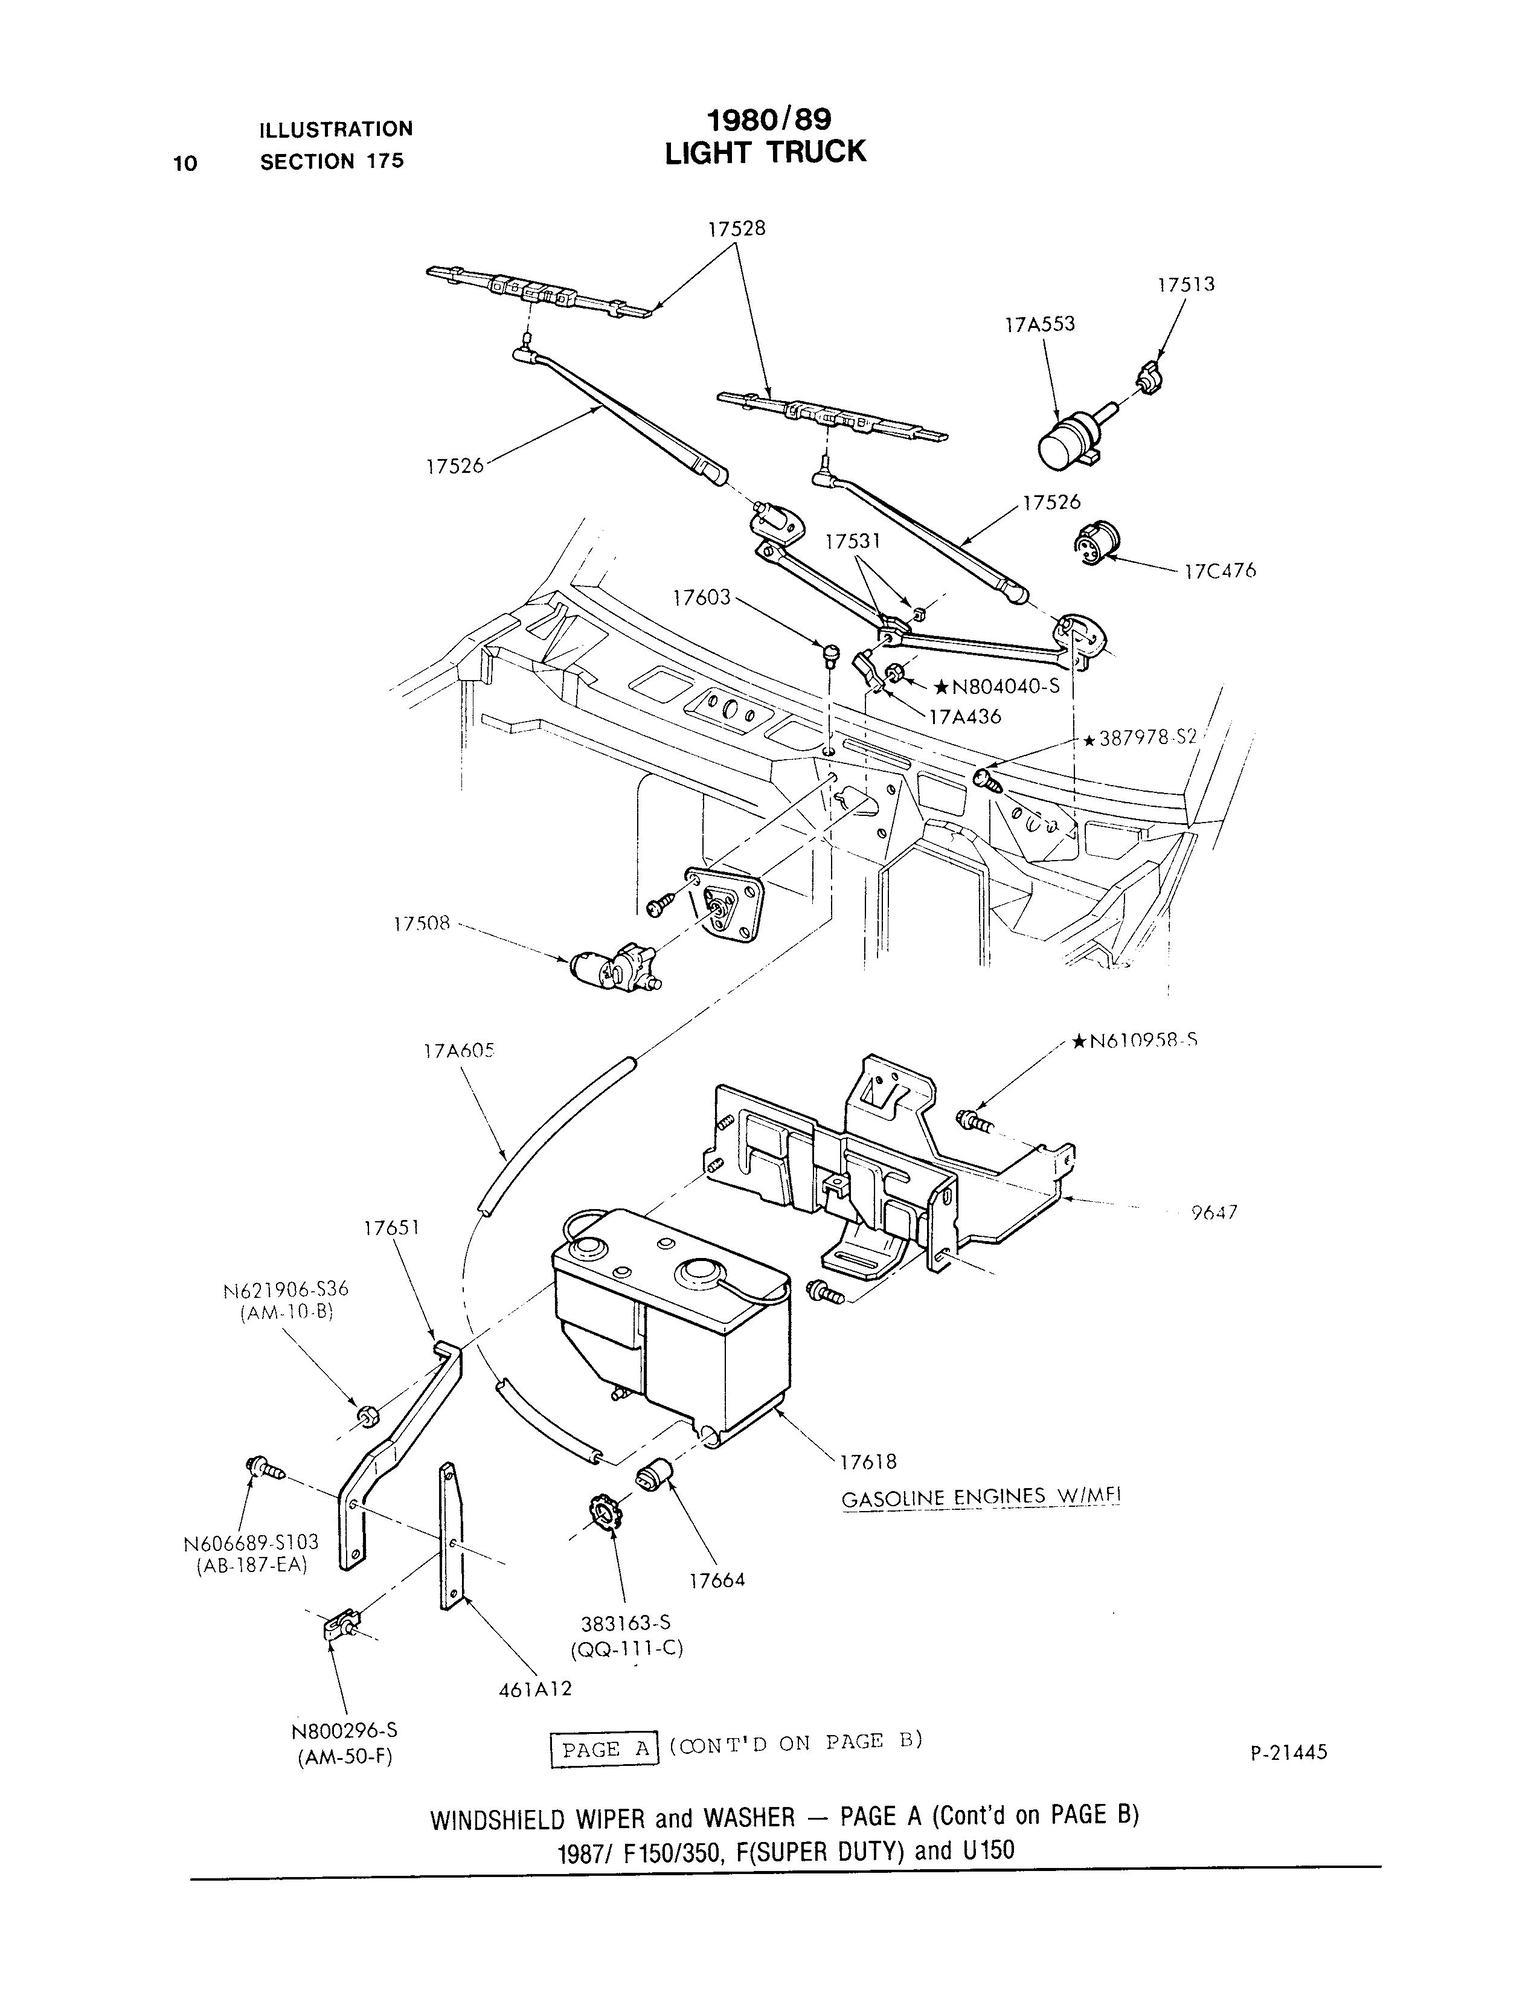 obd location search#obd location search 300zx 03#2017 subaru outback  obd location search#ford obd ii connector location#obd2 plug location 2002s  10#2005